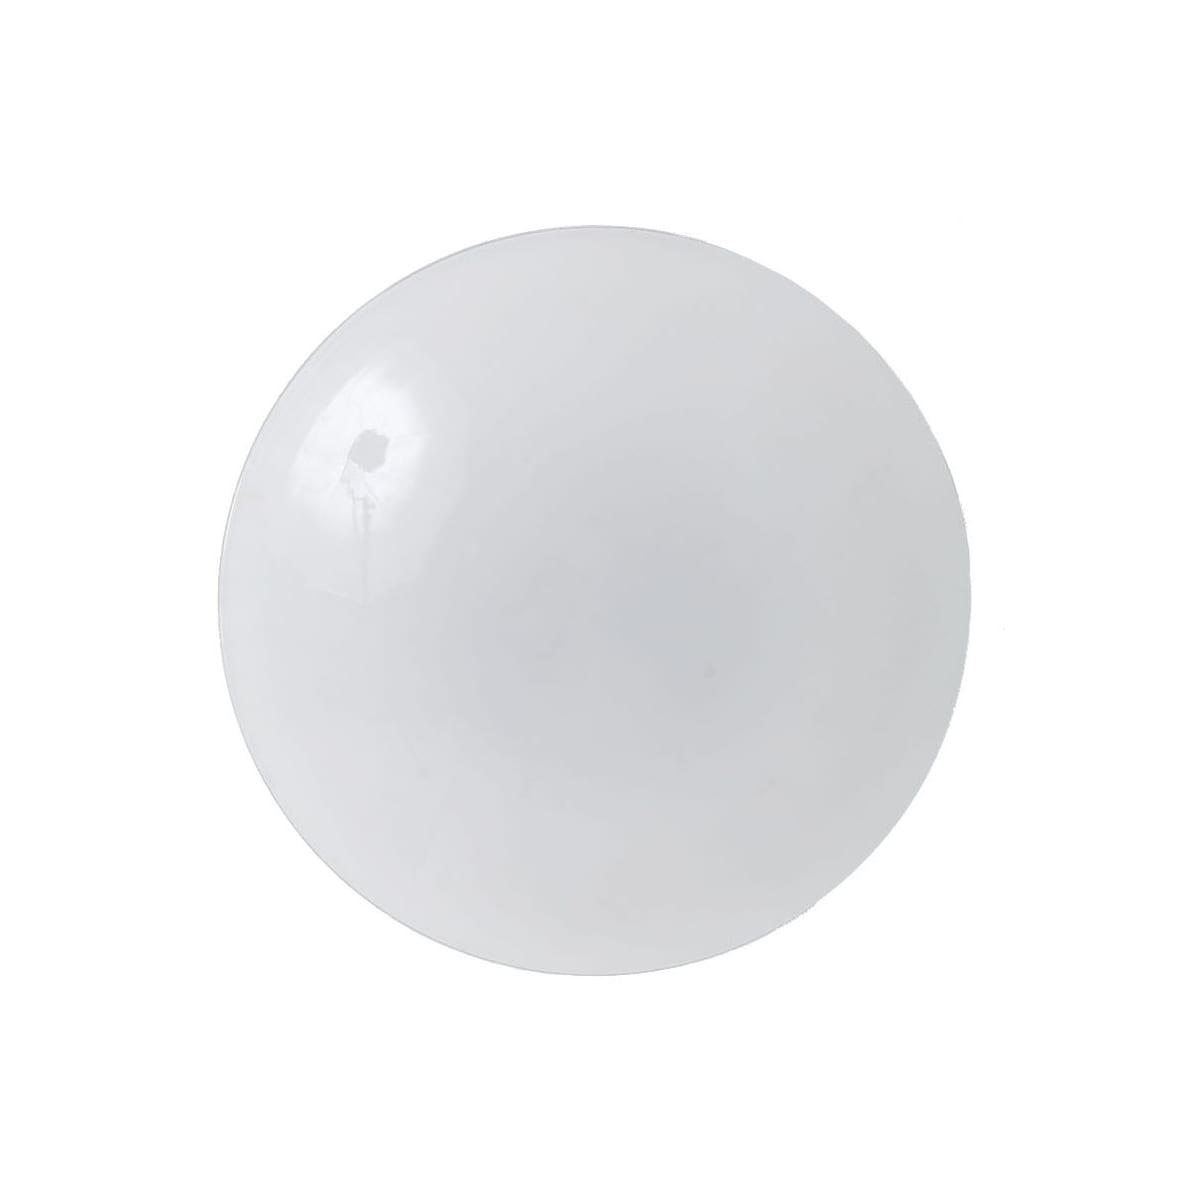 Eclipta lamp